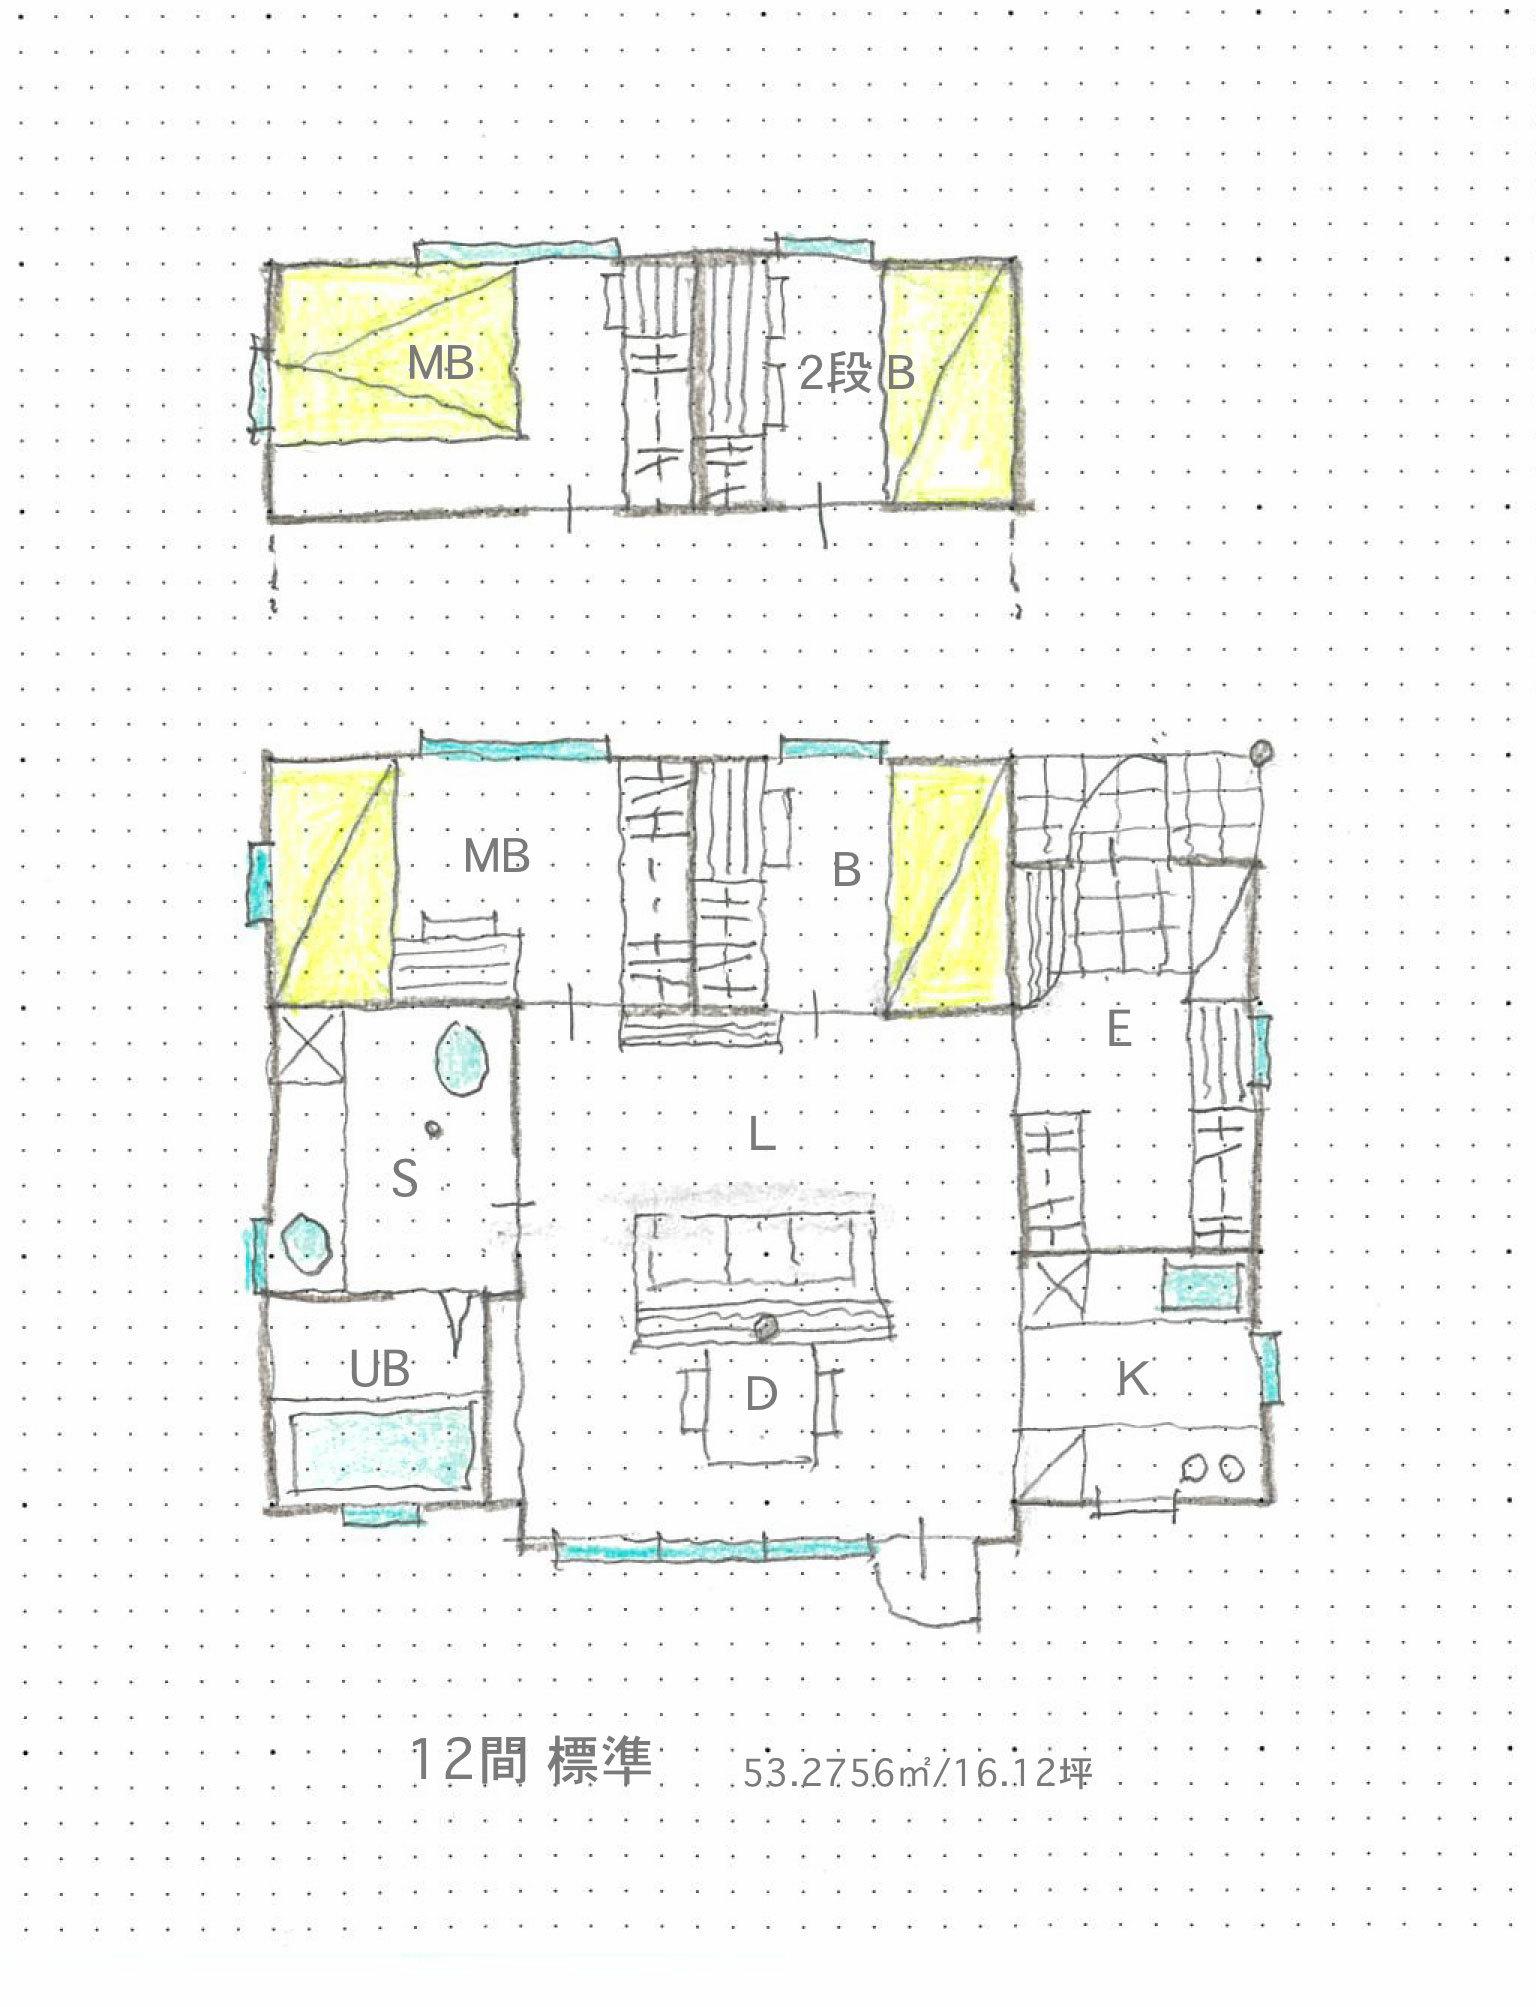 いえのえほん設計篇/7尺モジュール・小屋から住宅へ_c0189970_13365171.jpg